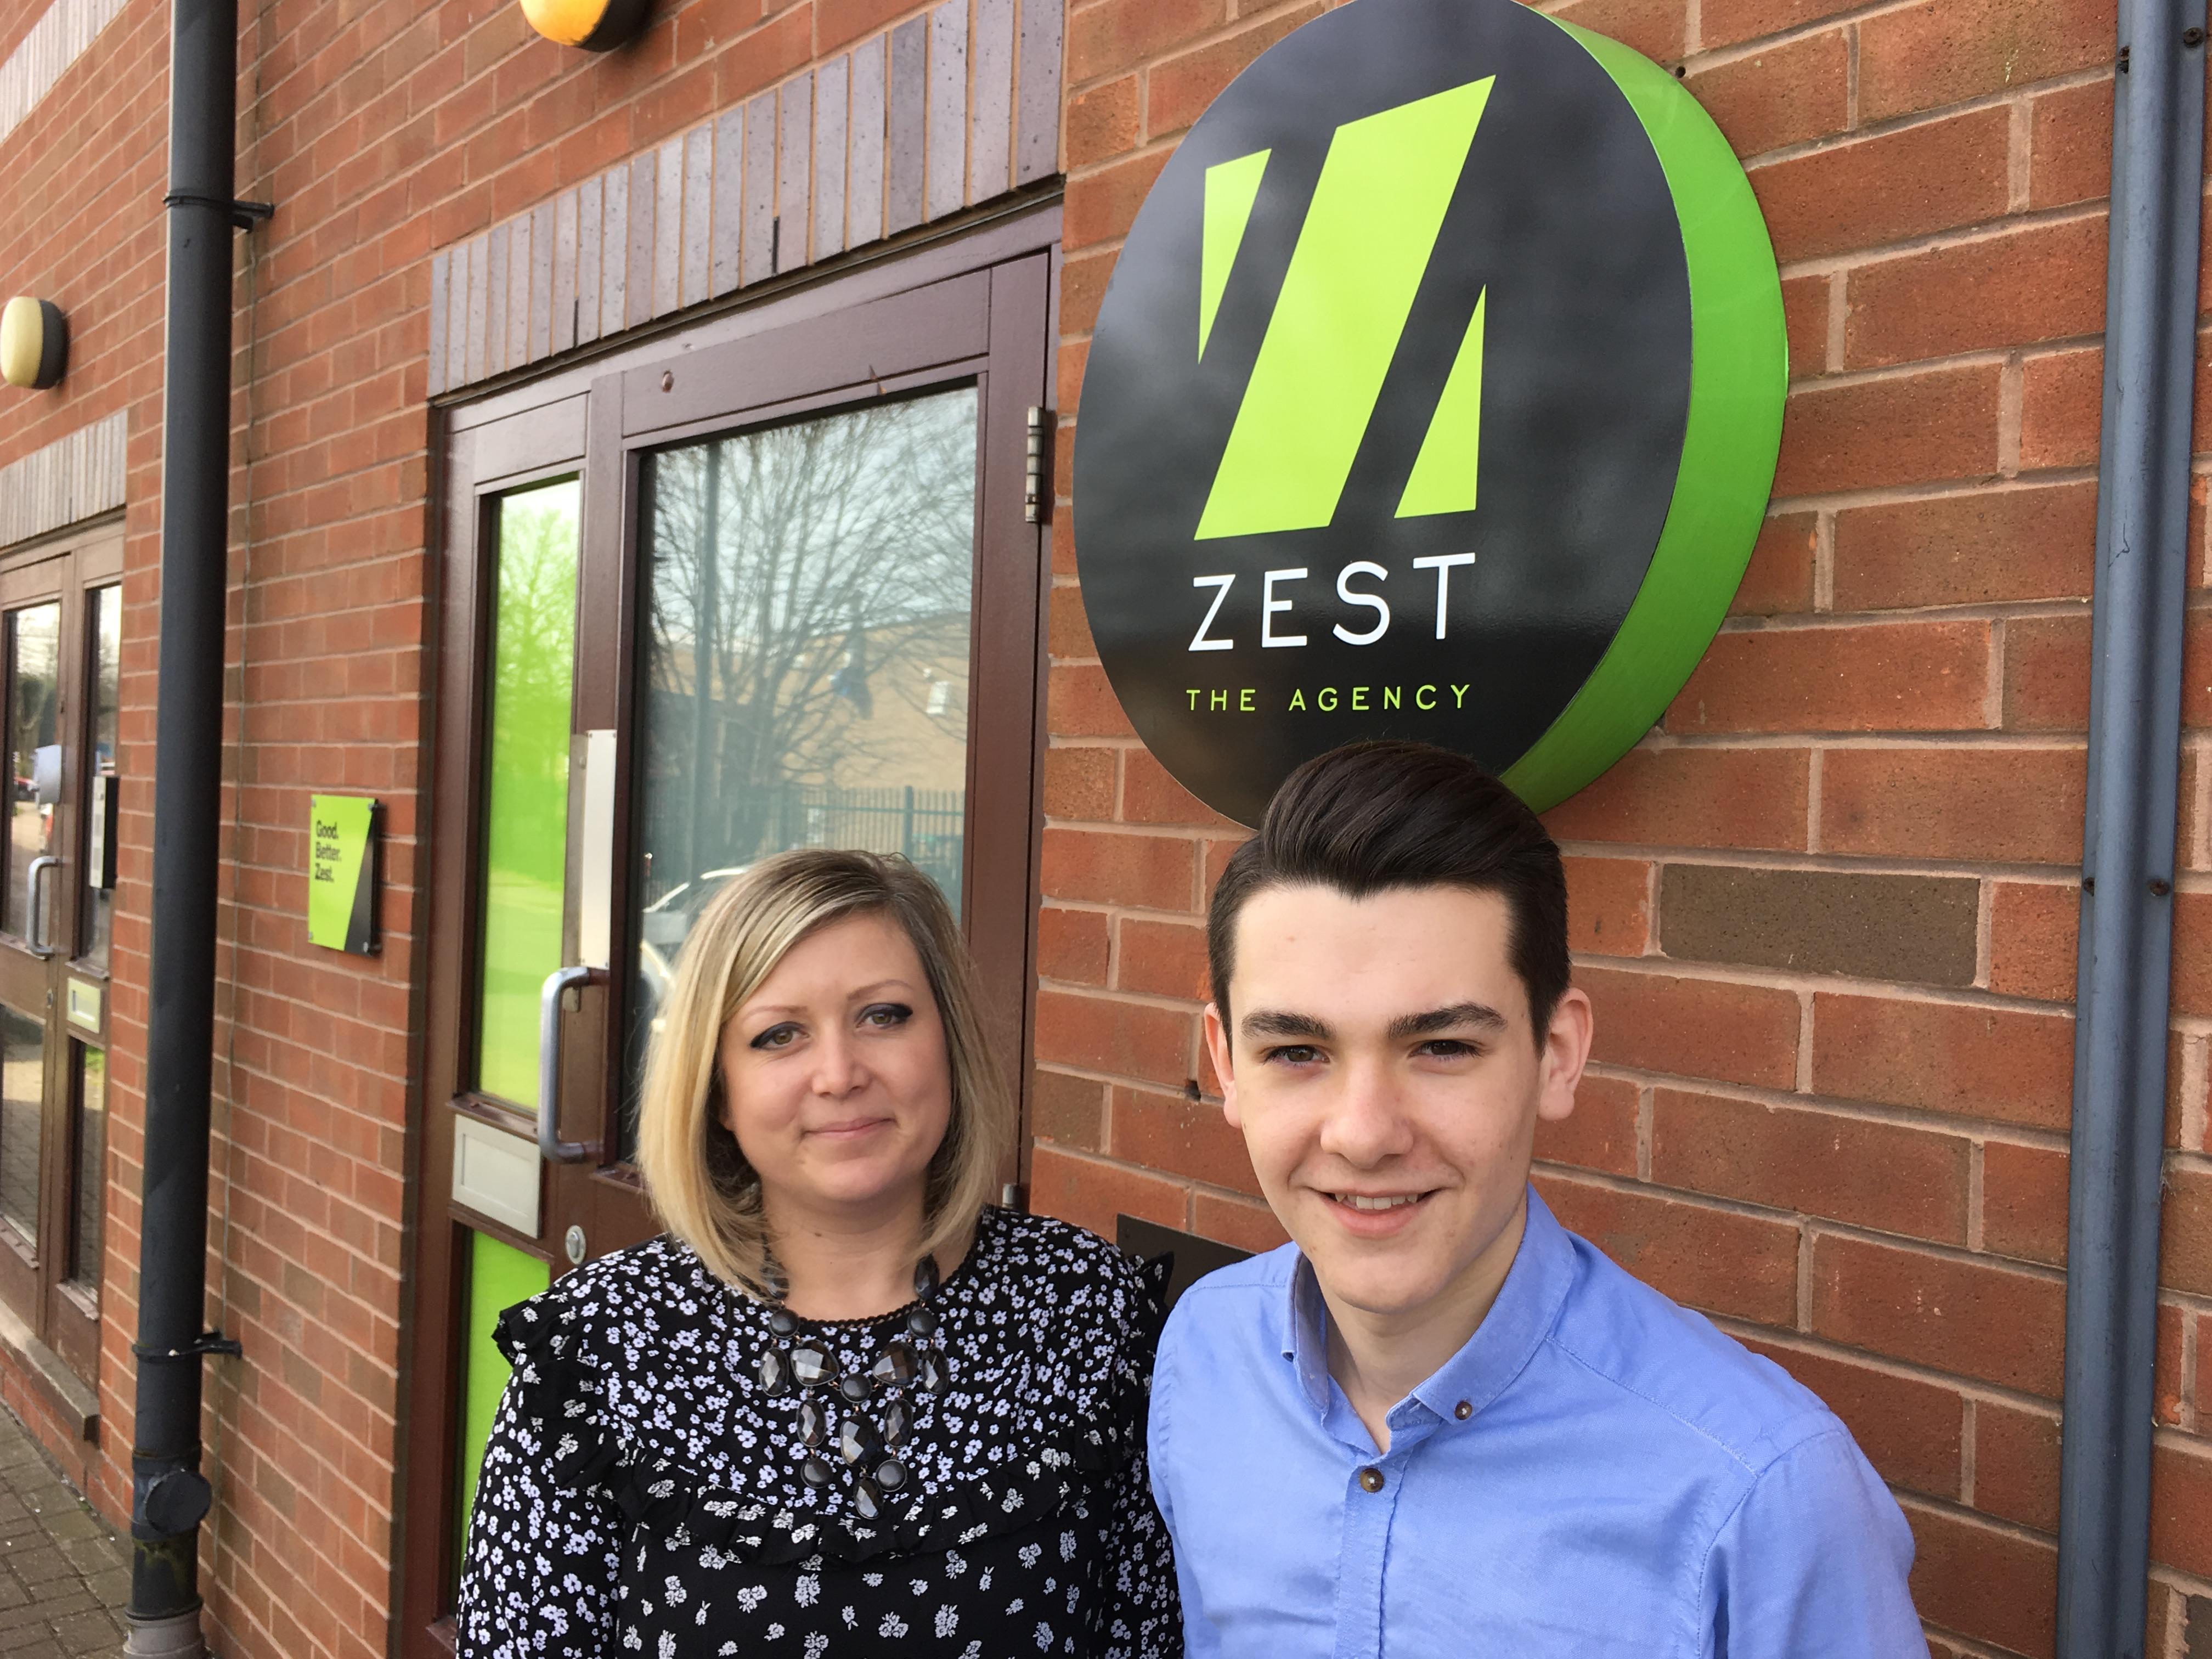 Belinda Collins, group managing director of Zest. Credit: Ben Towers